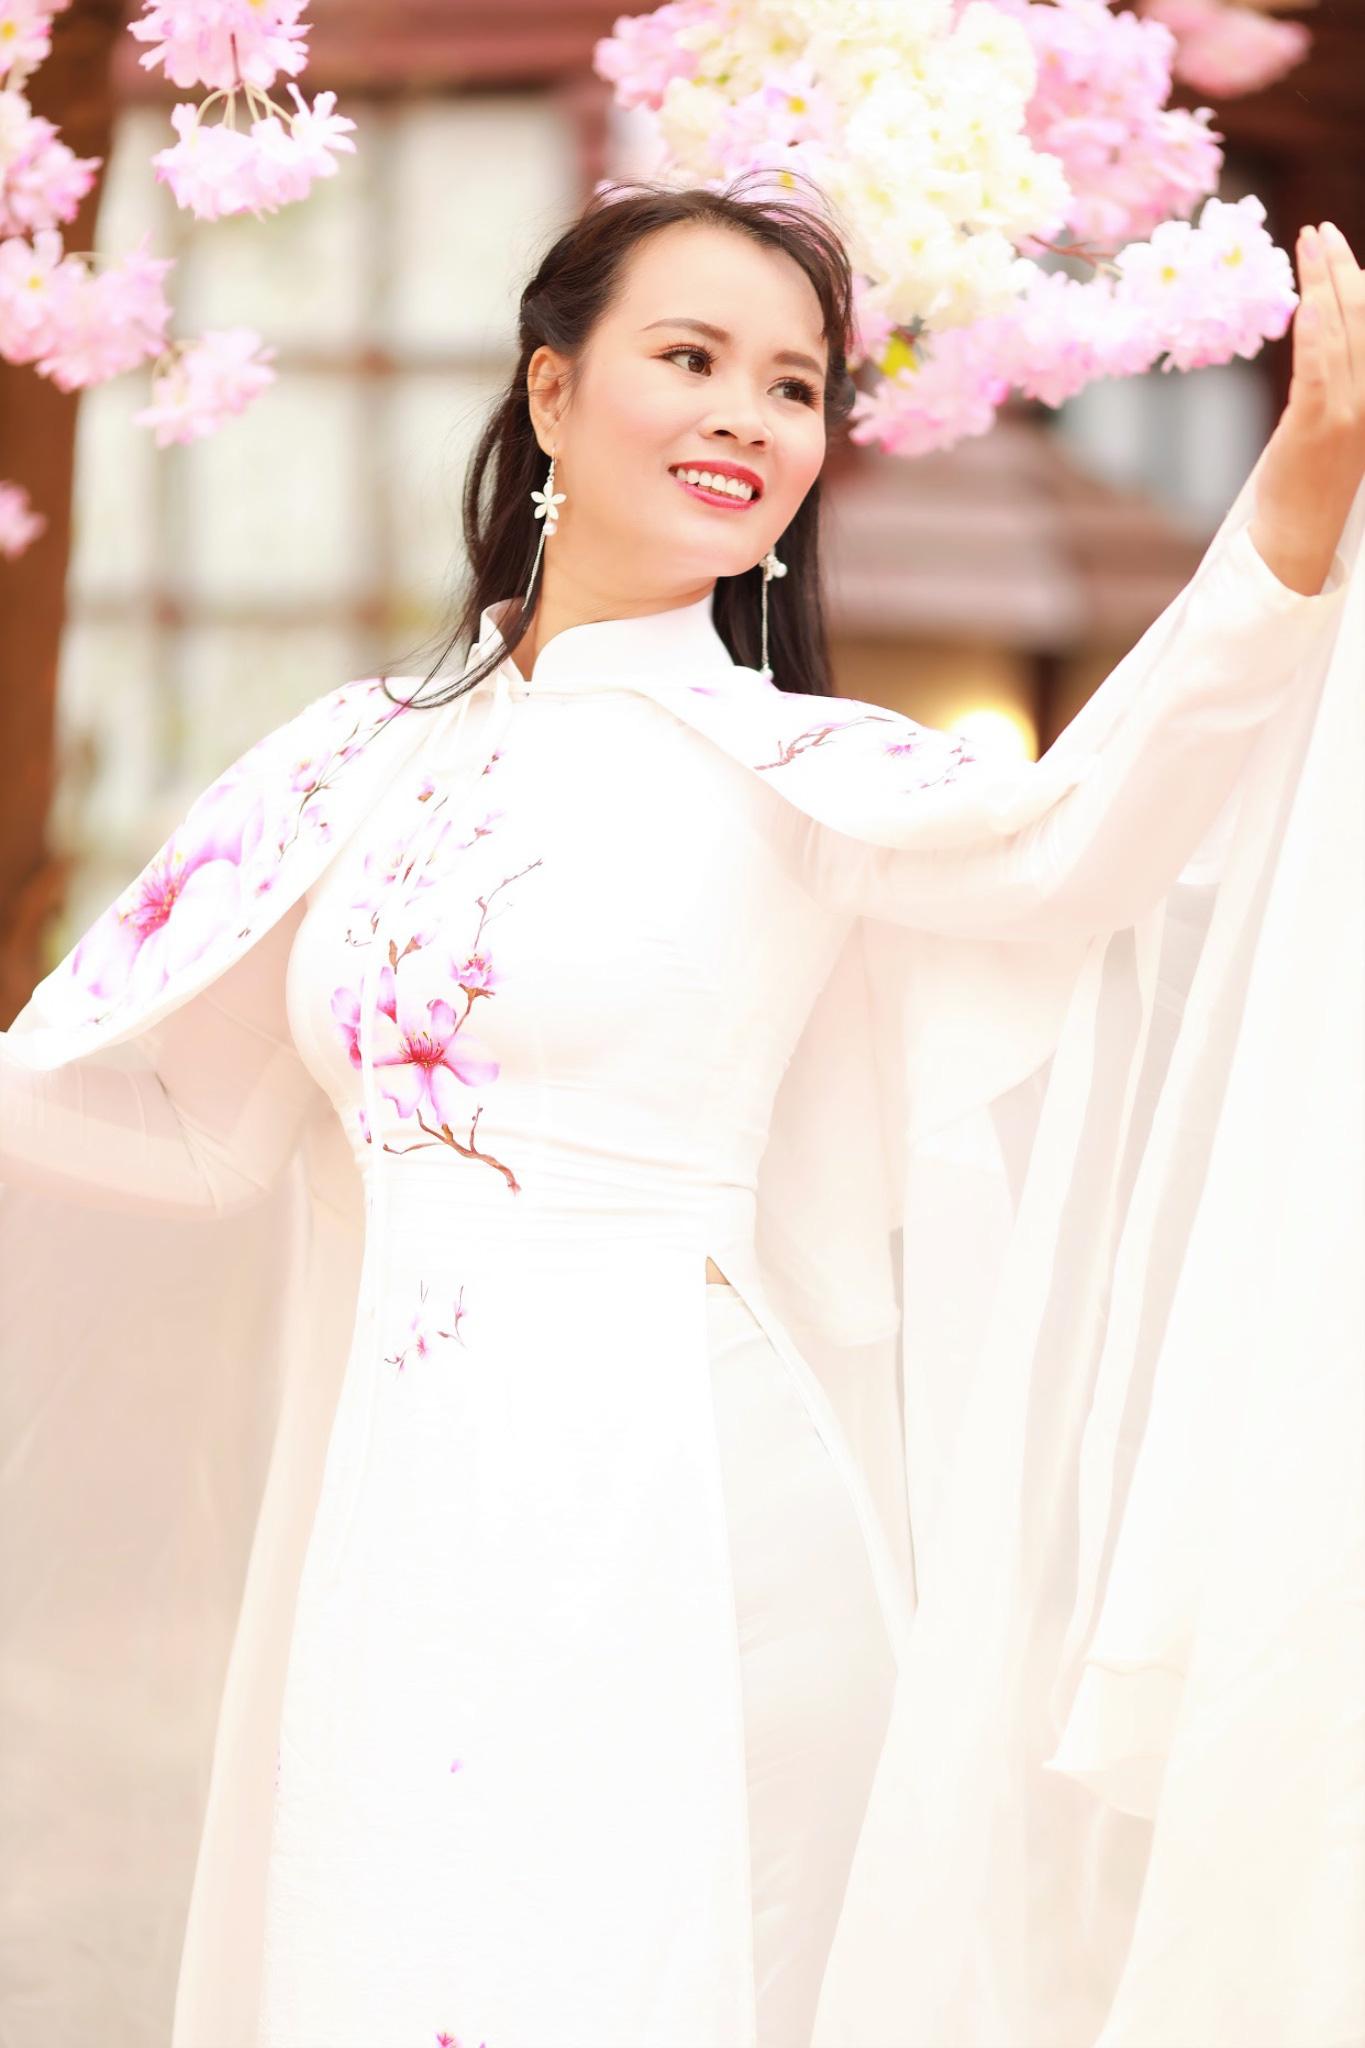 Vẻ đẹp thần tiên tỉ tỉ của Phạm Thị Ngọc Thanh trong bộ ảnh đón xuân - Ảnh 2.